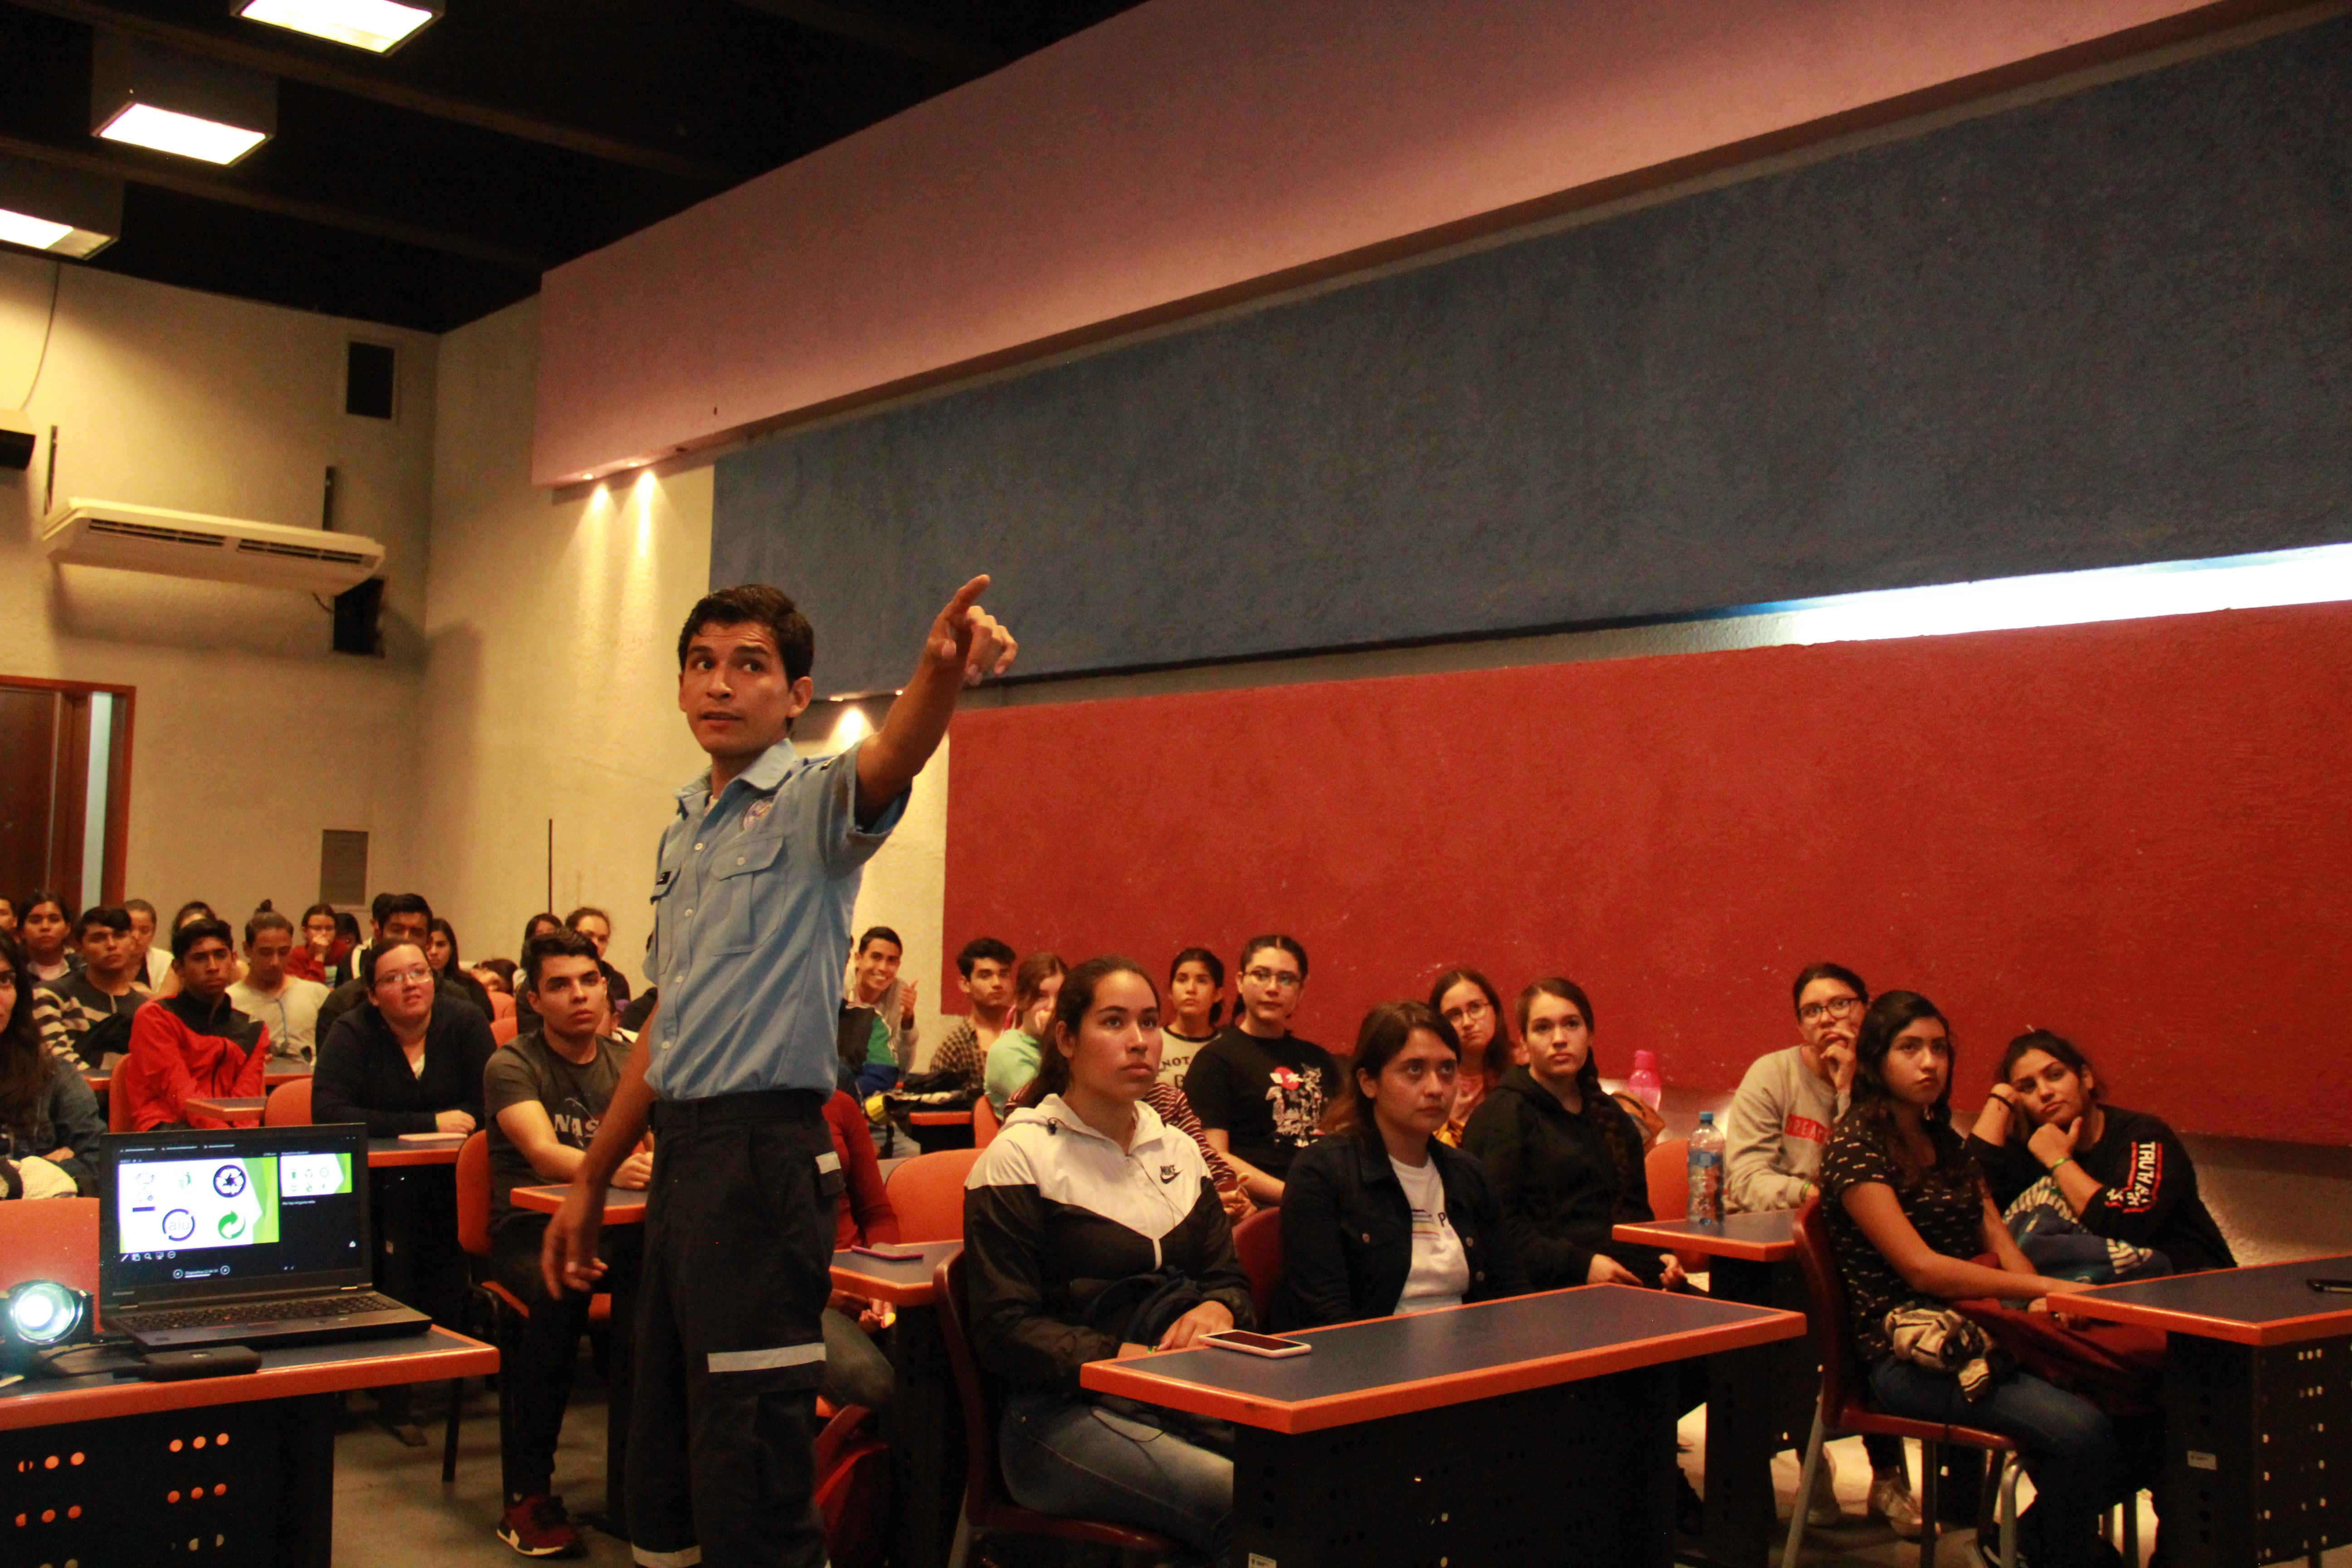 Voluntario de Protección Civil dando plática a estudiantes